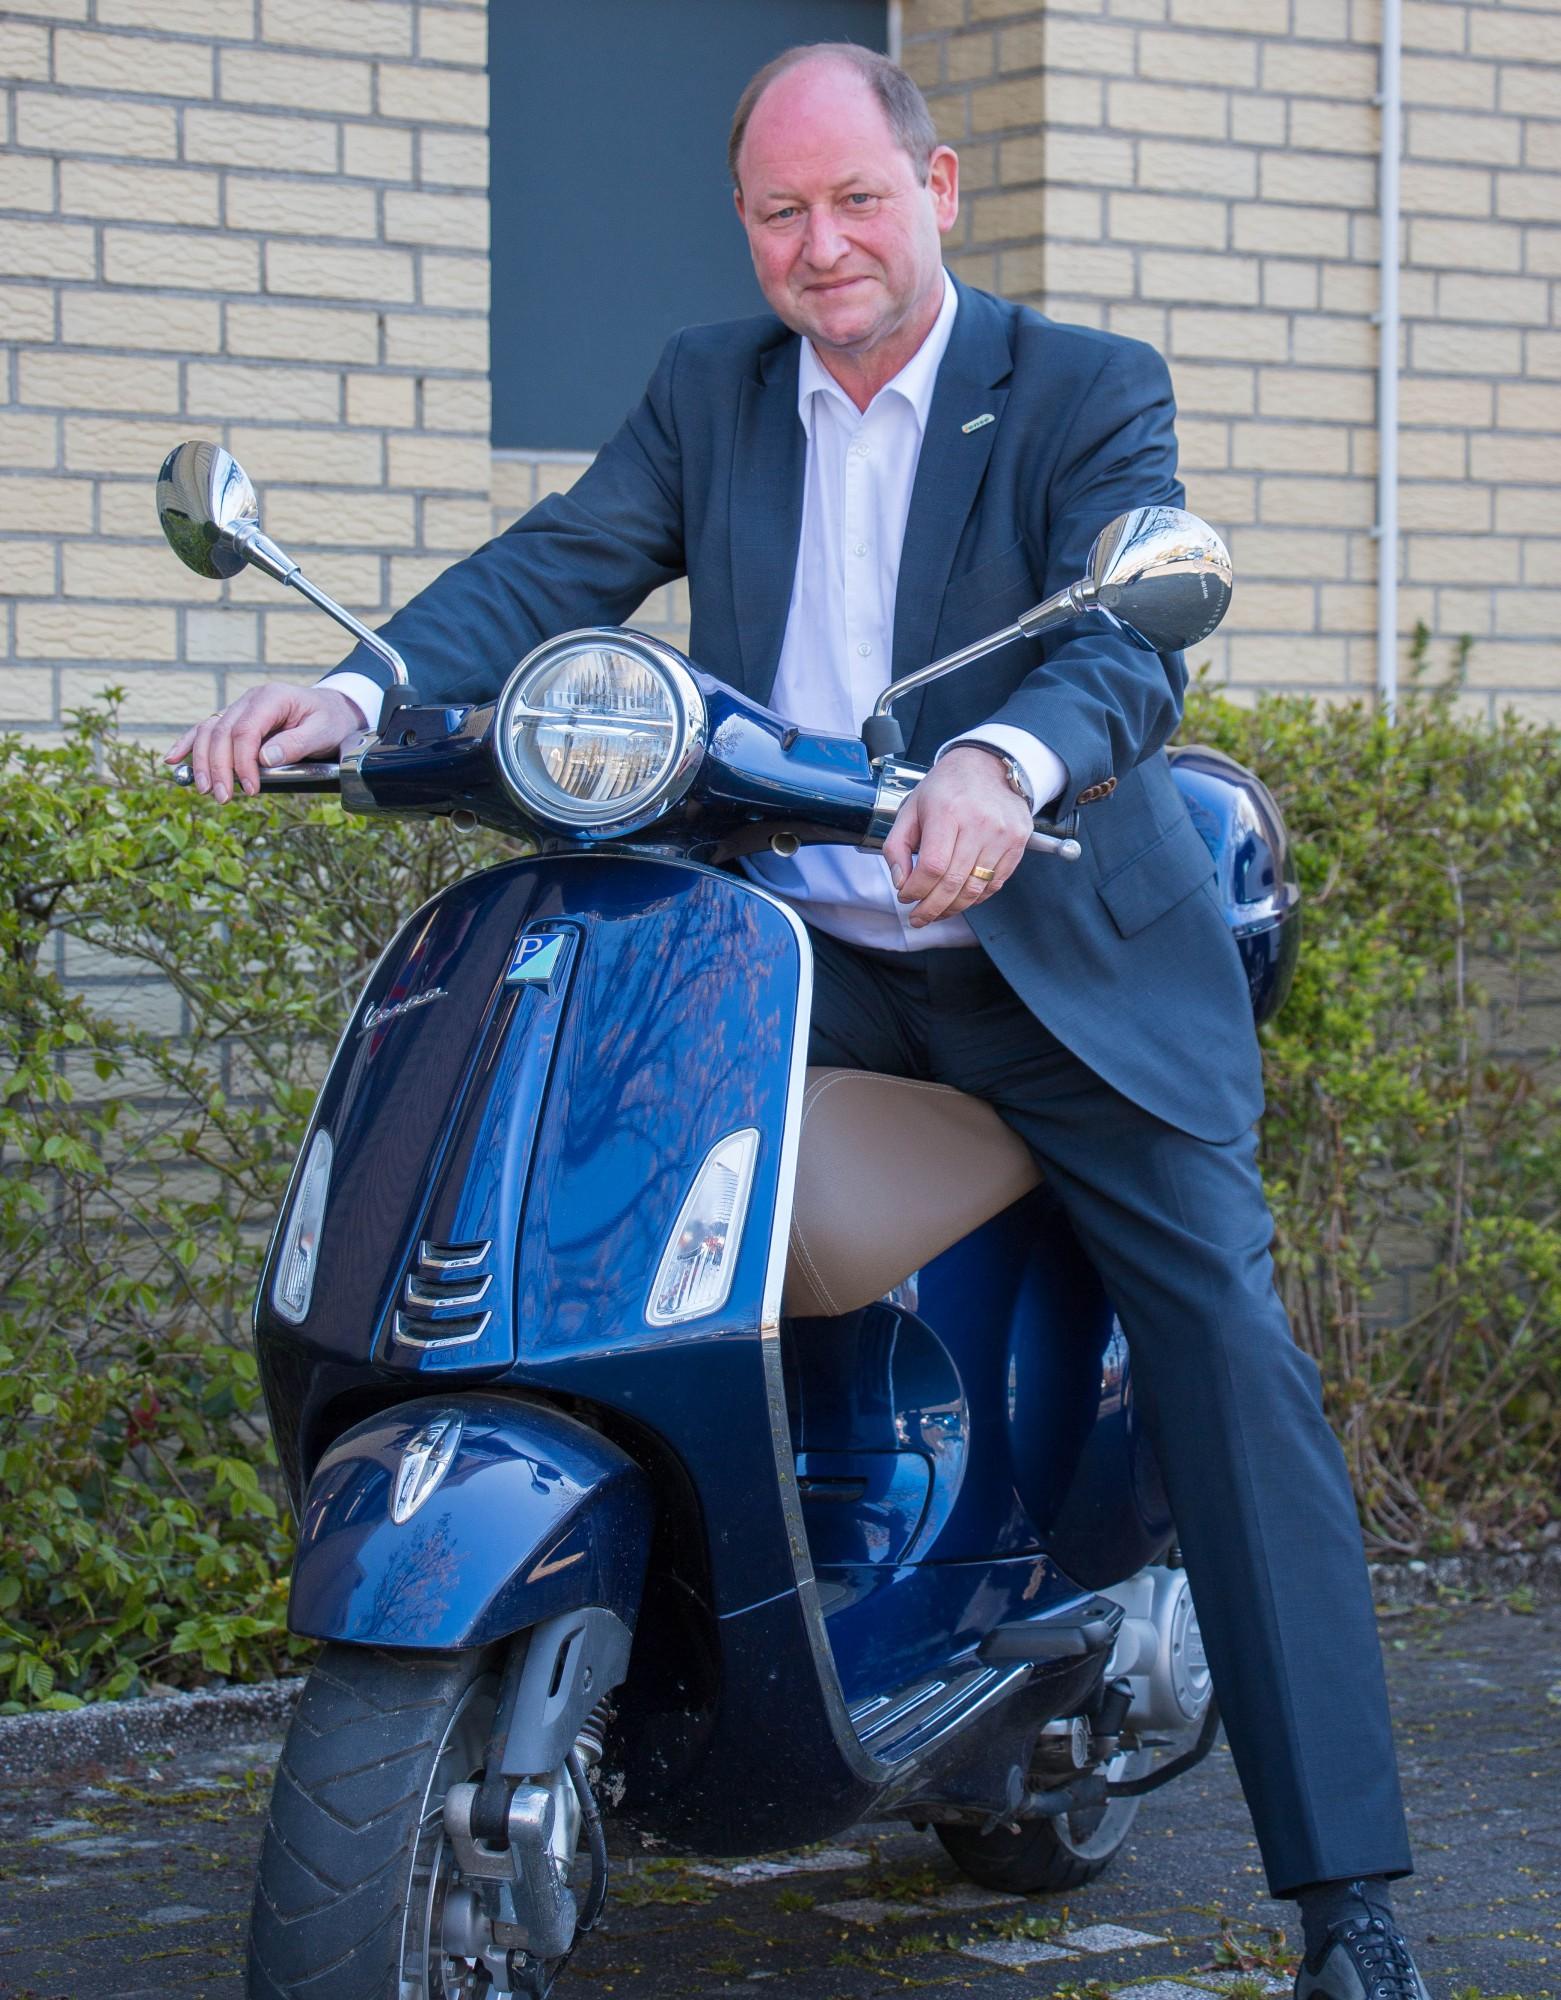 Mit der Vespa fährt Rainer Busemann nicht nur  gern ins Rathaus,  sondern  auch zu Terminen innerhalb  der Gemeinde.